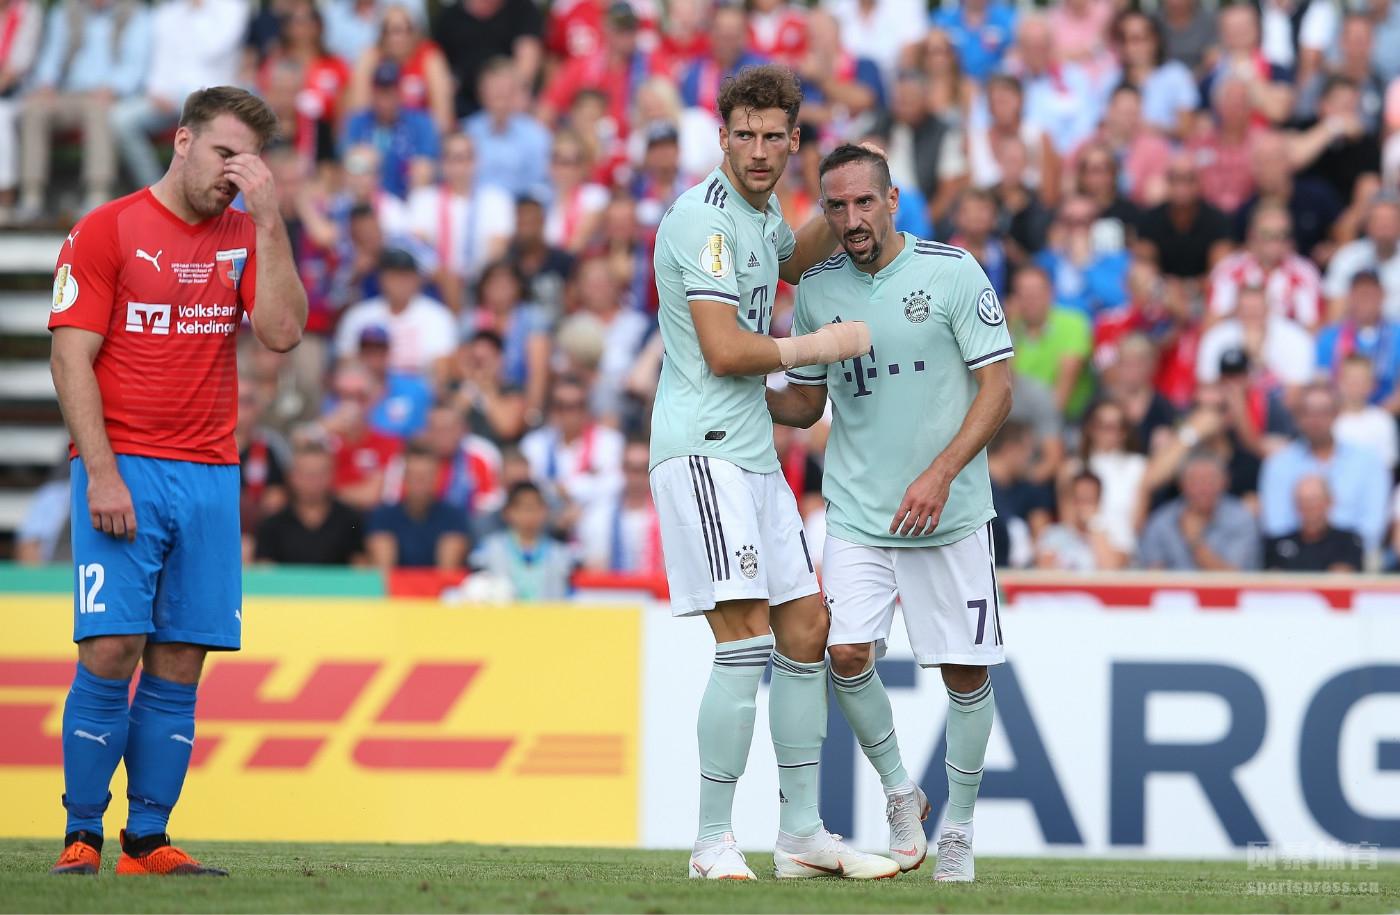 德国杯首轮 德罗科特森0-1拜仁 莱万破门制胜